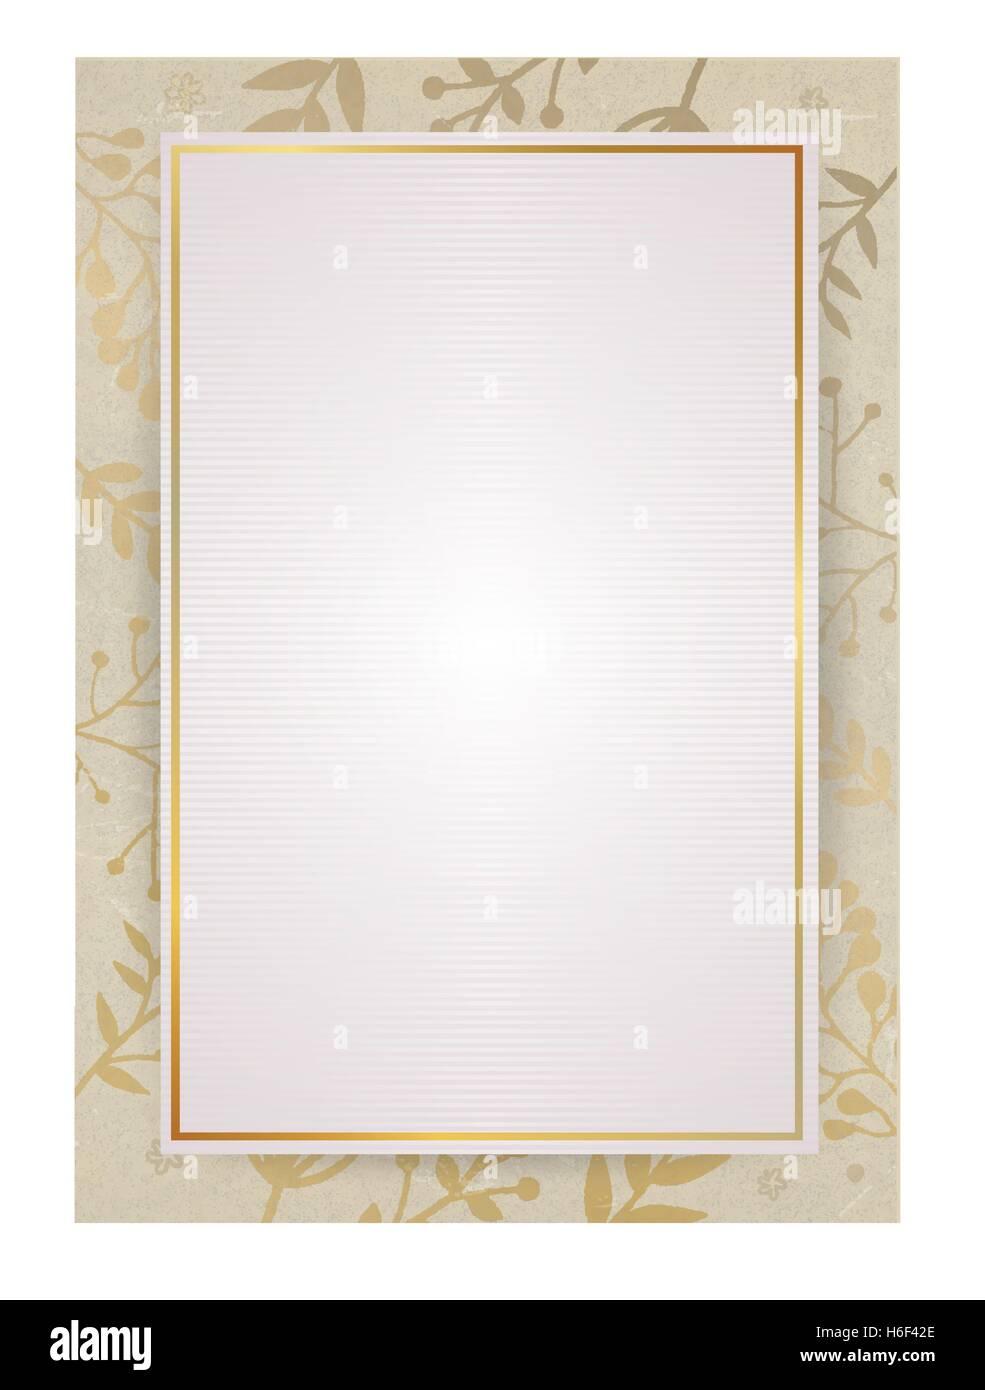 Enchanting A4 Paper Size Picture Frames Collection - Ideas de Marcos ...